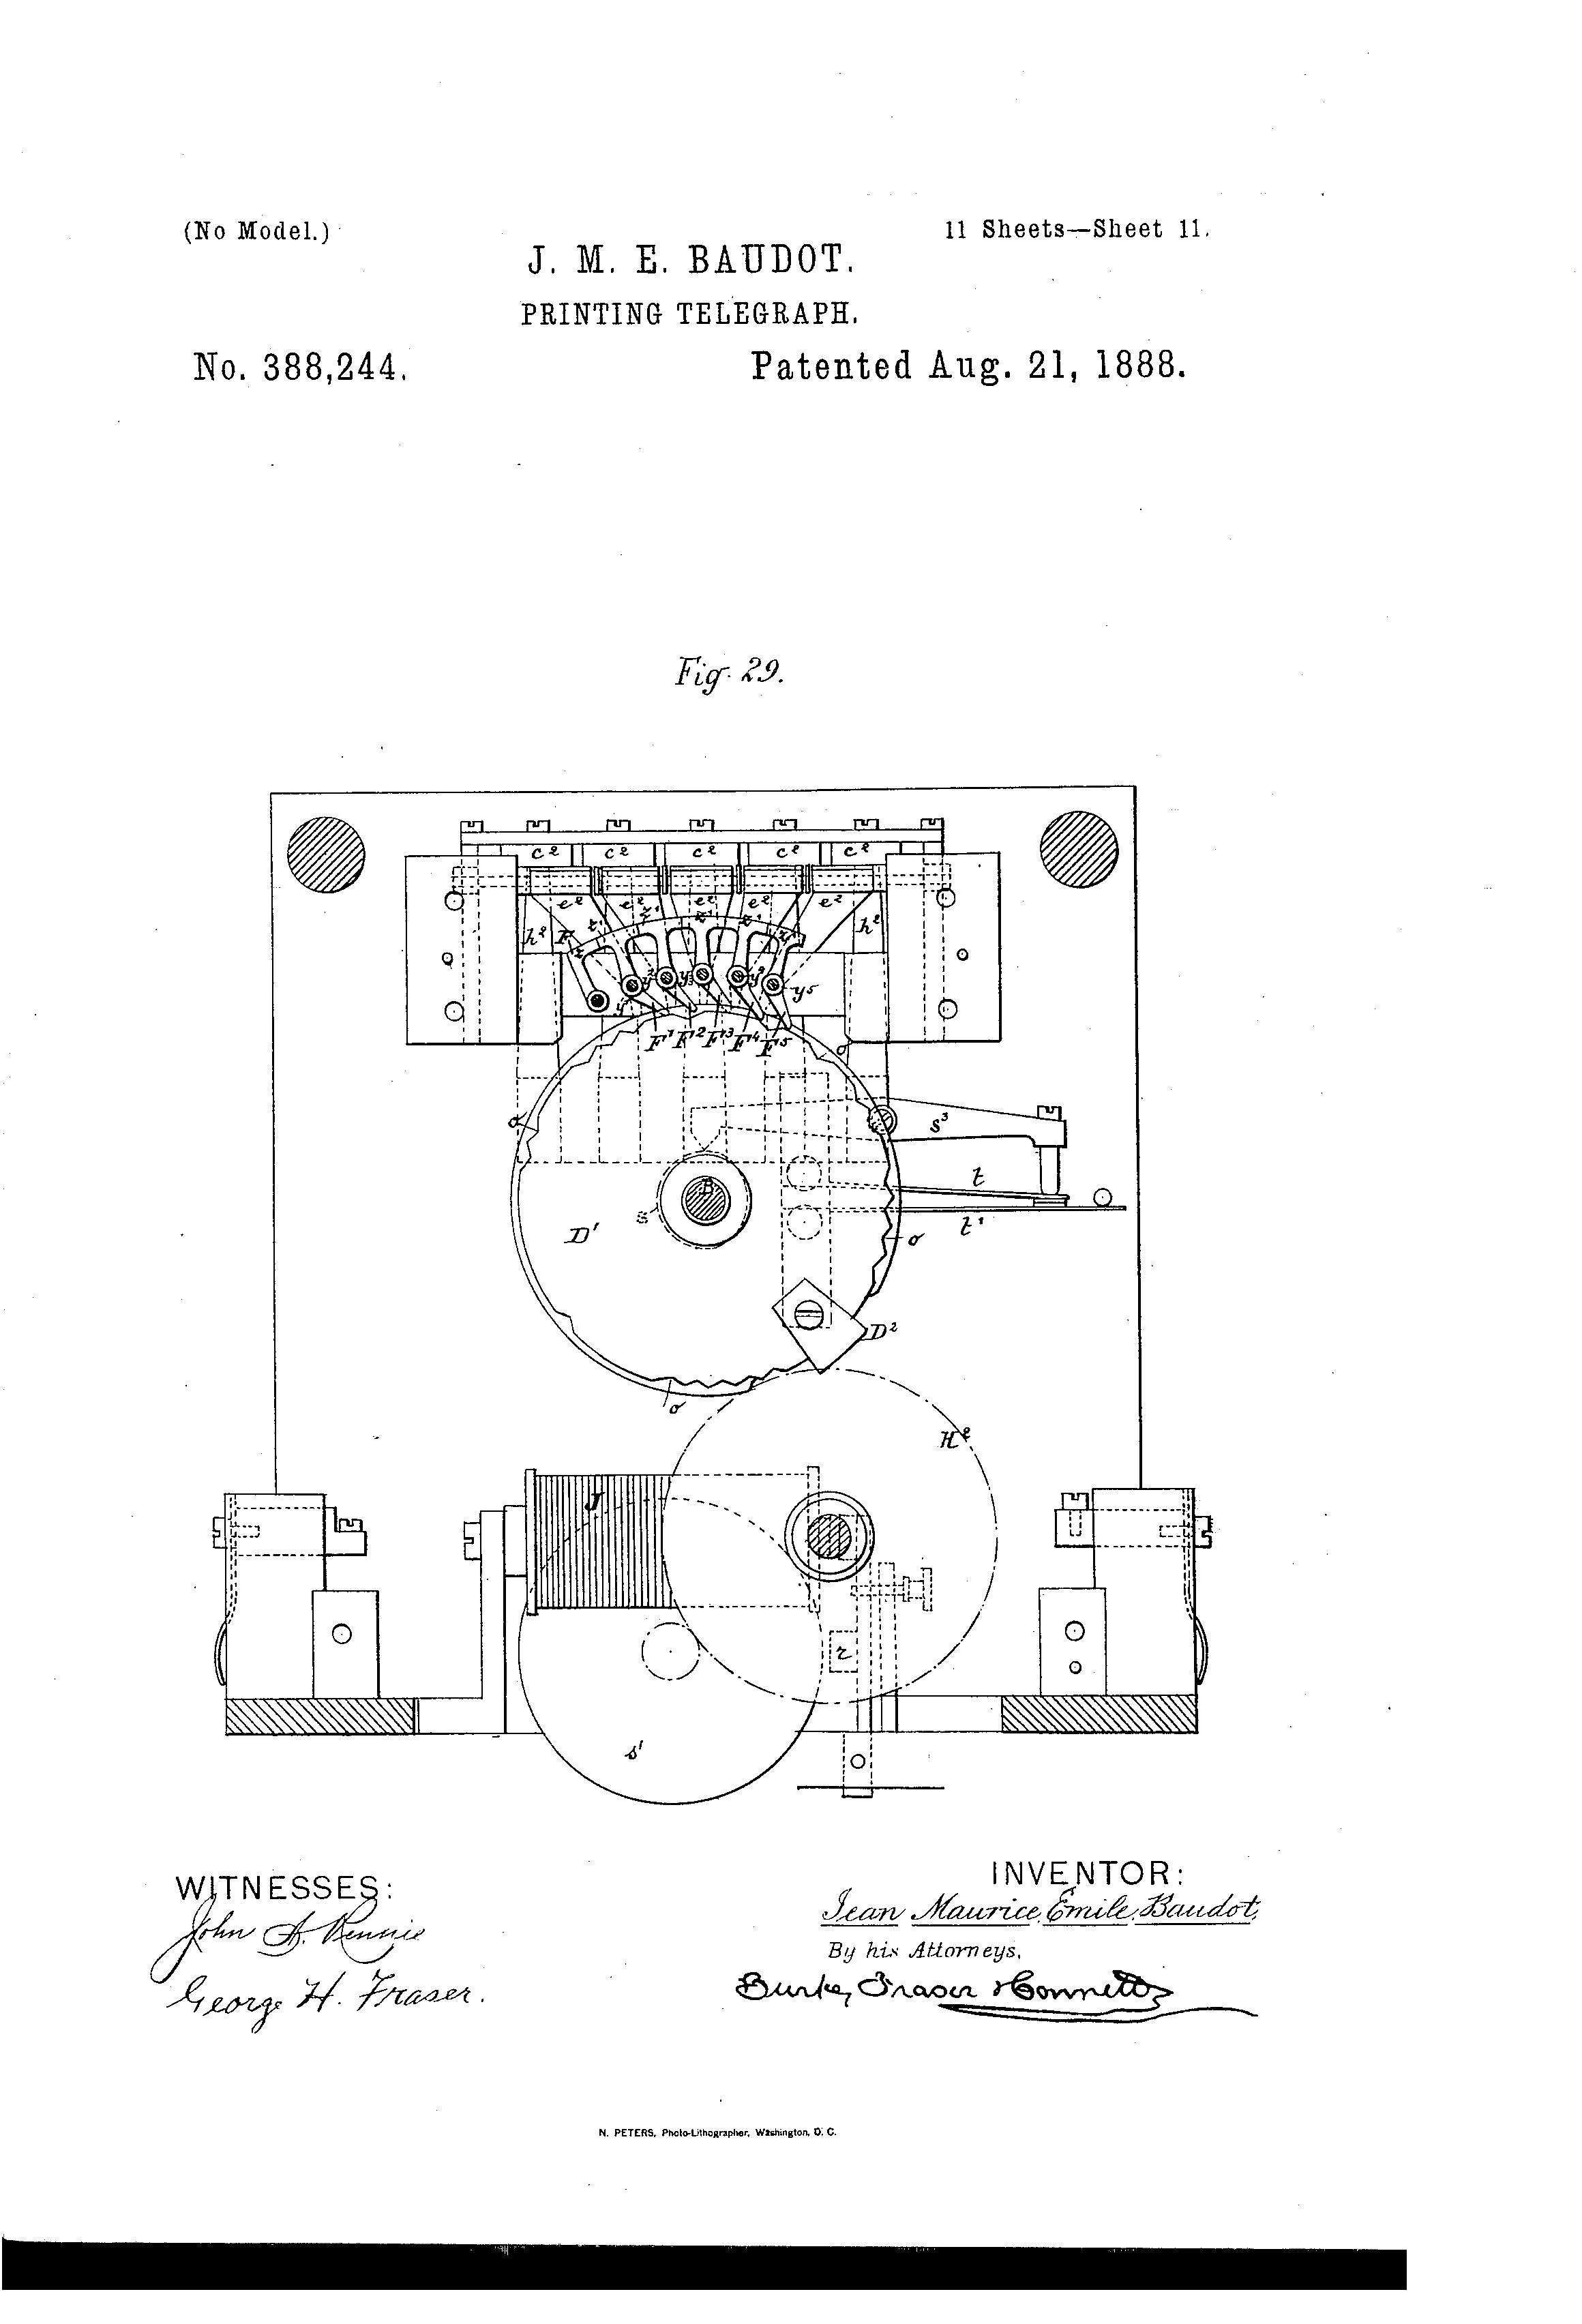 baudot_patent.png